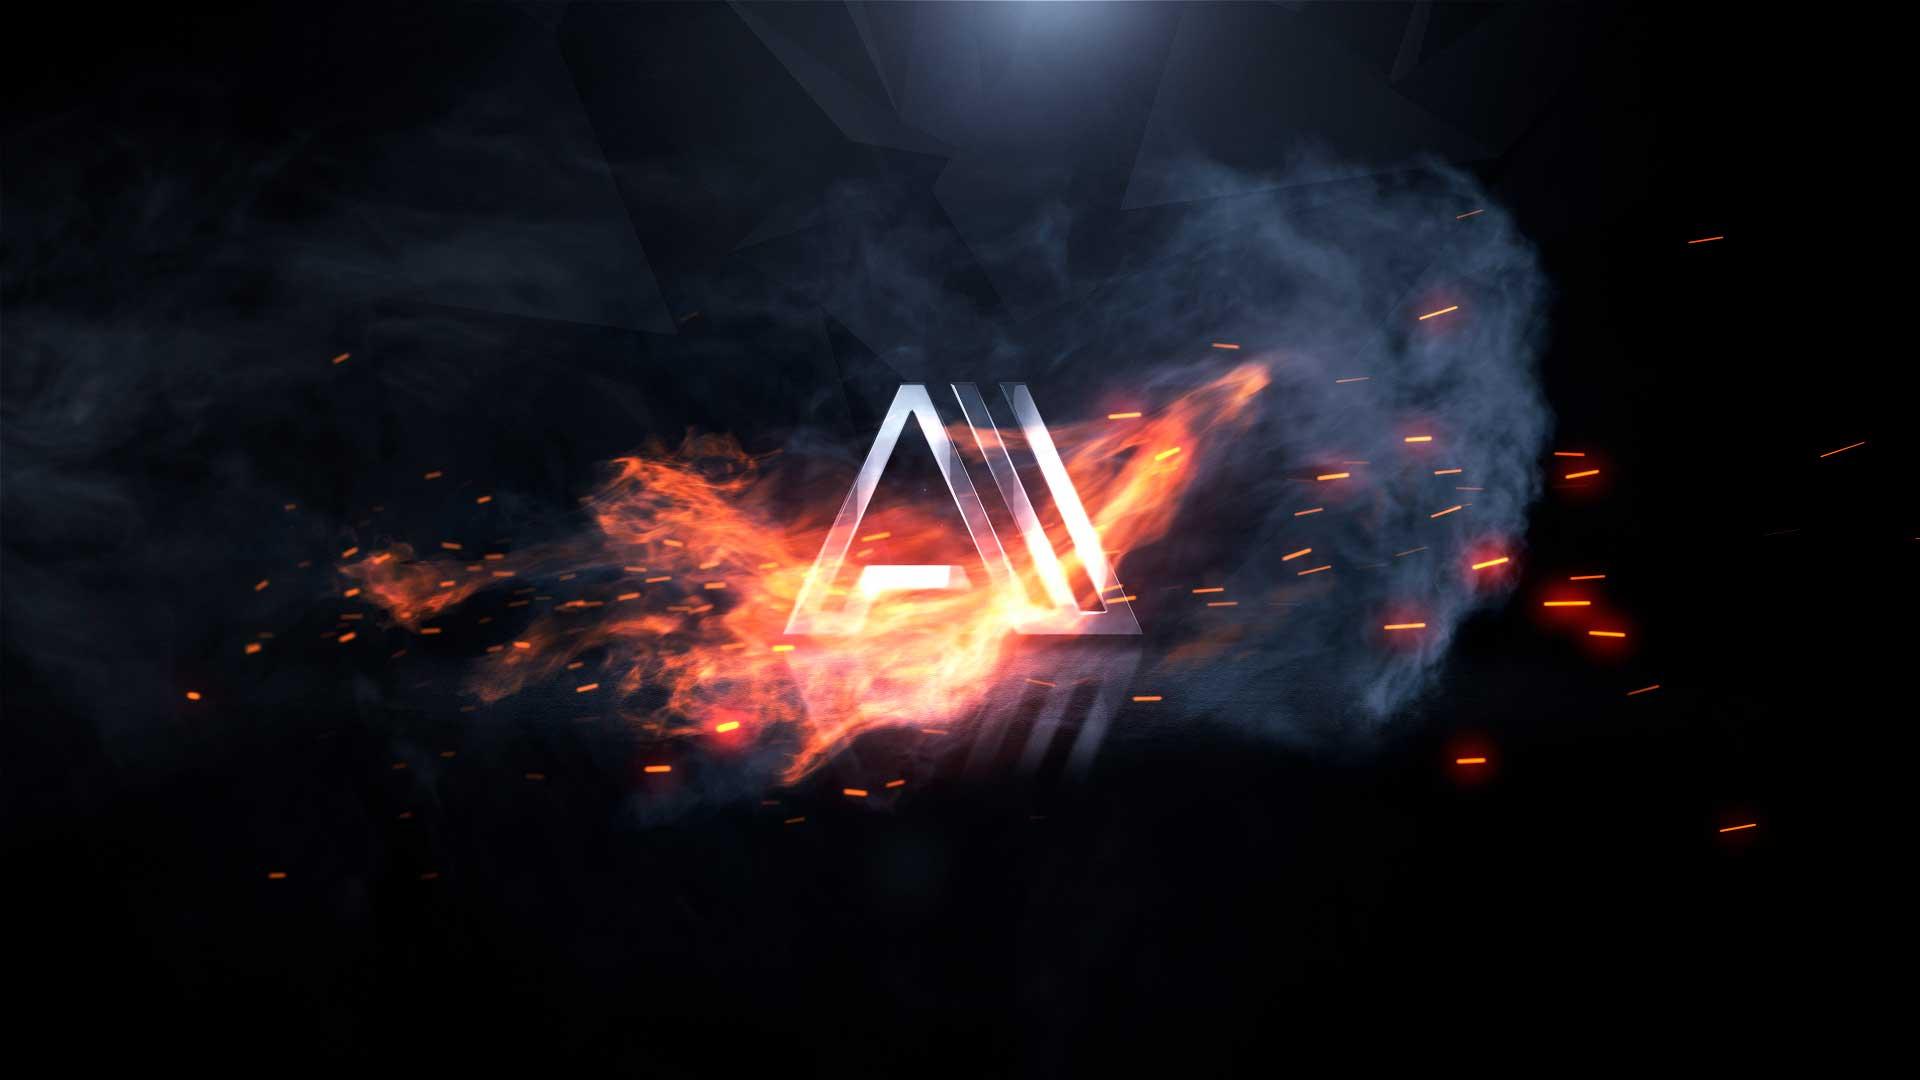 Logo-animado-Con-Fuego-AL308-imagen-animarlogo